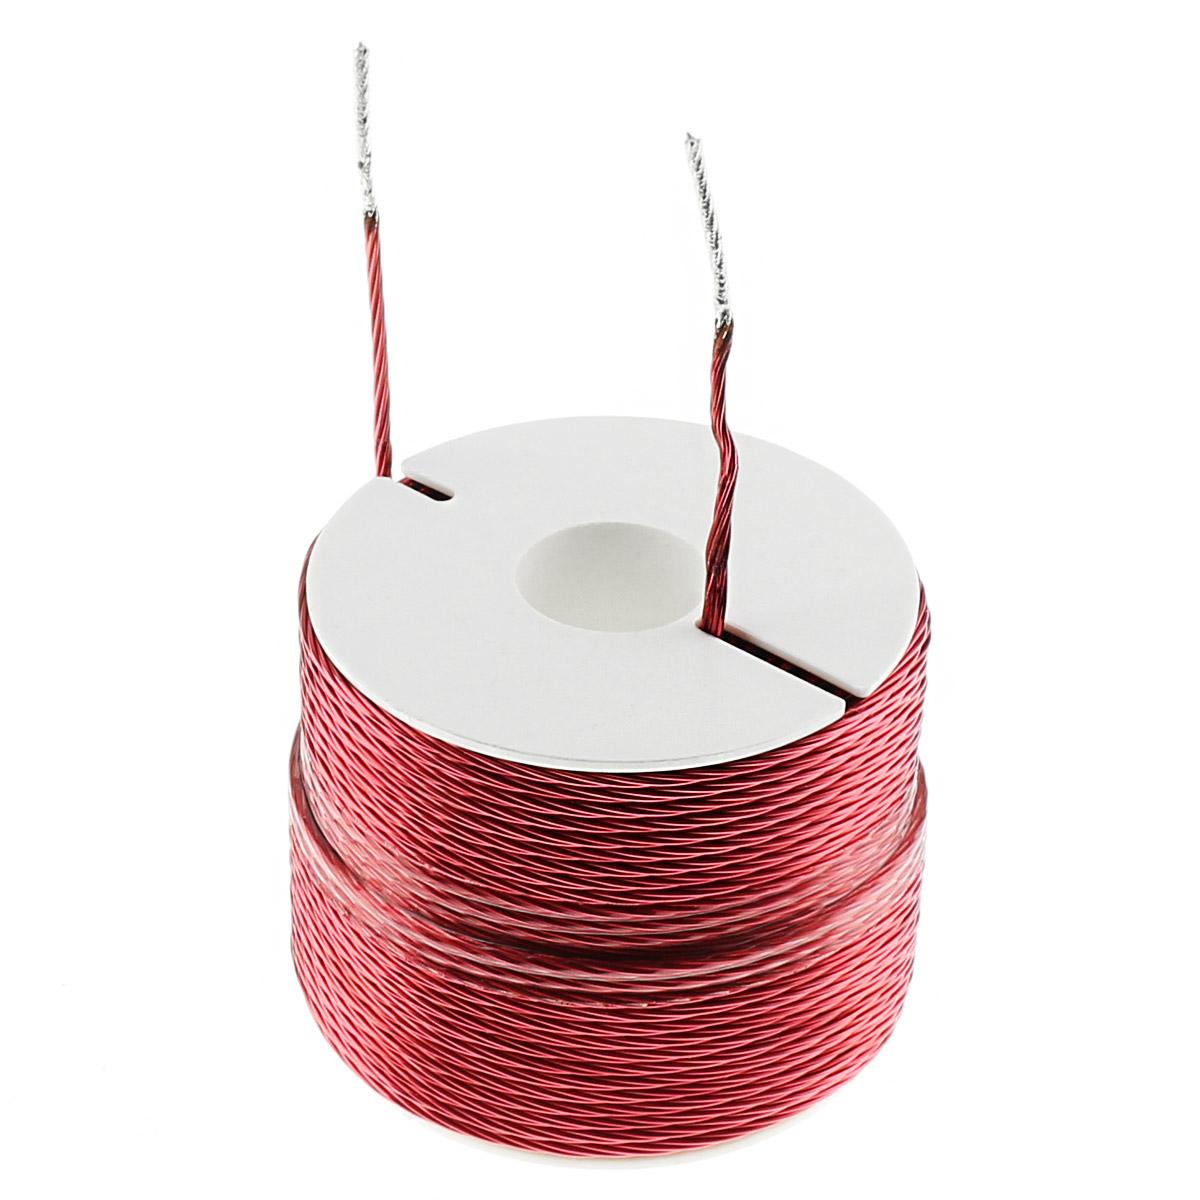 MUNDORF LL60 7 Strands Copper Wire Coil 0.27mH